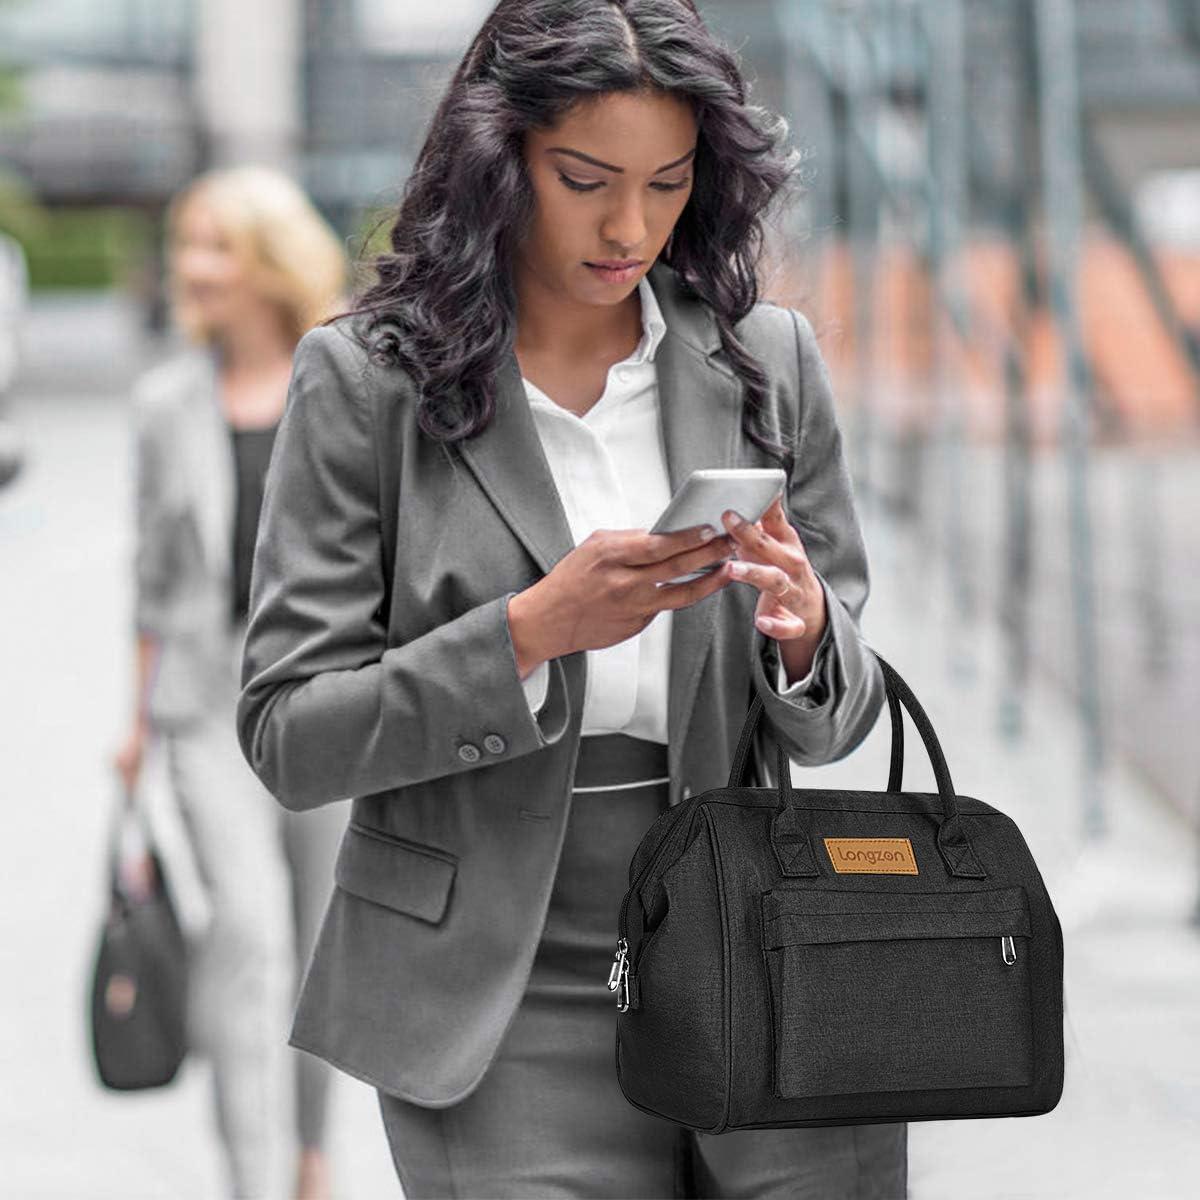 Mantener Calientes//Fr/ías - Gris Bolsa Termica Porta Alimentos 15L para Llevar Comida Longzon Bolsa Termica Almuerzo para Mujer Hombre Ni/ños Trabajo Viaje Escuela Oficina Playa